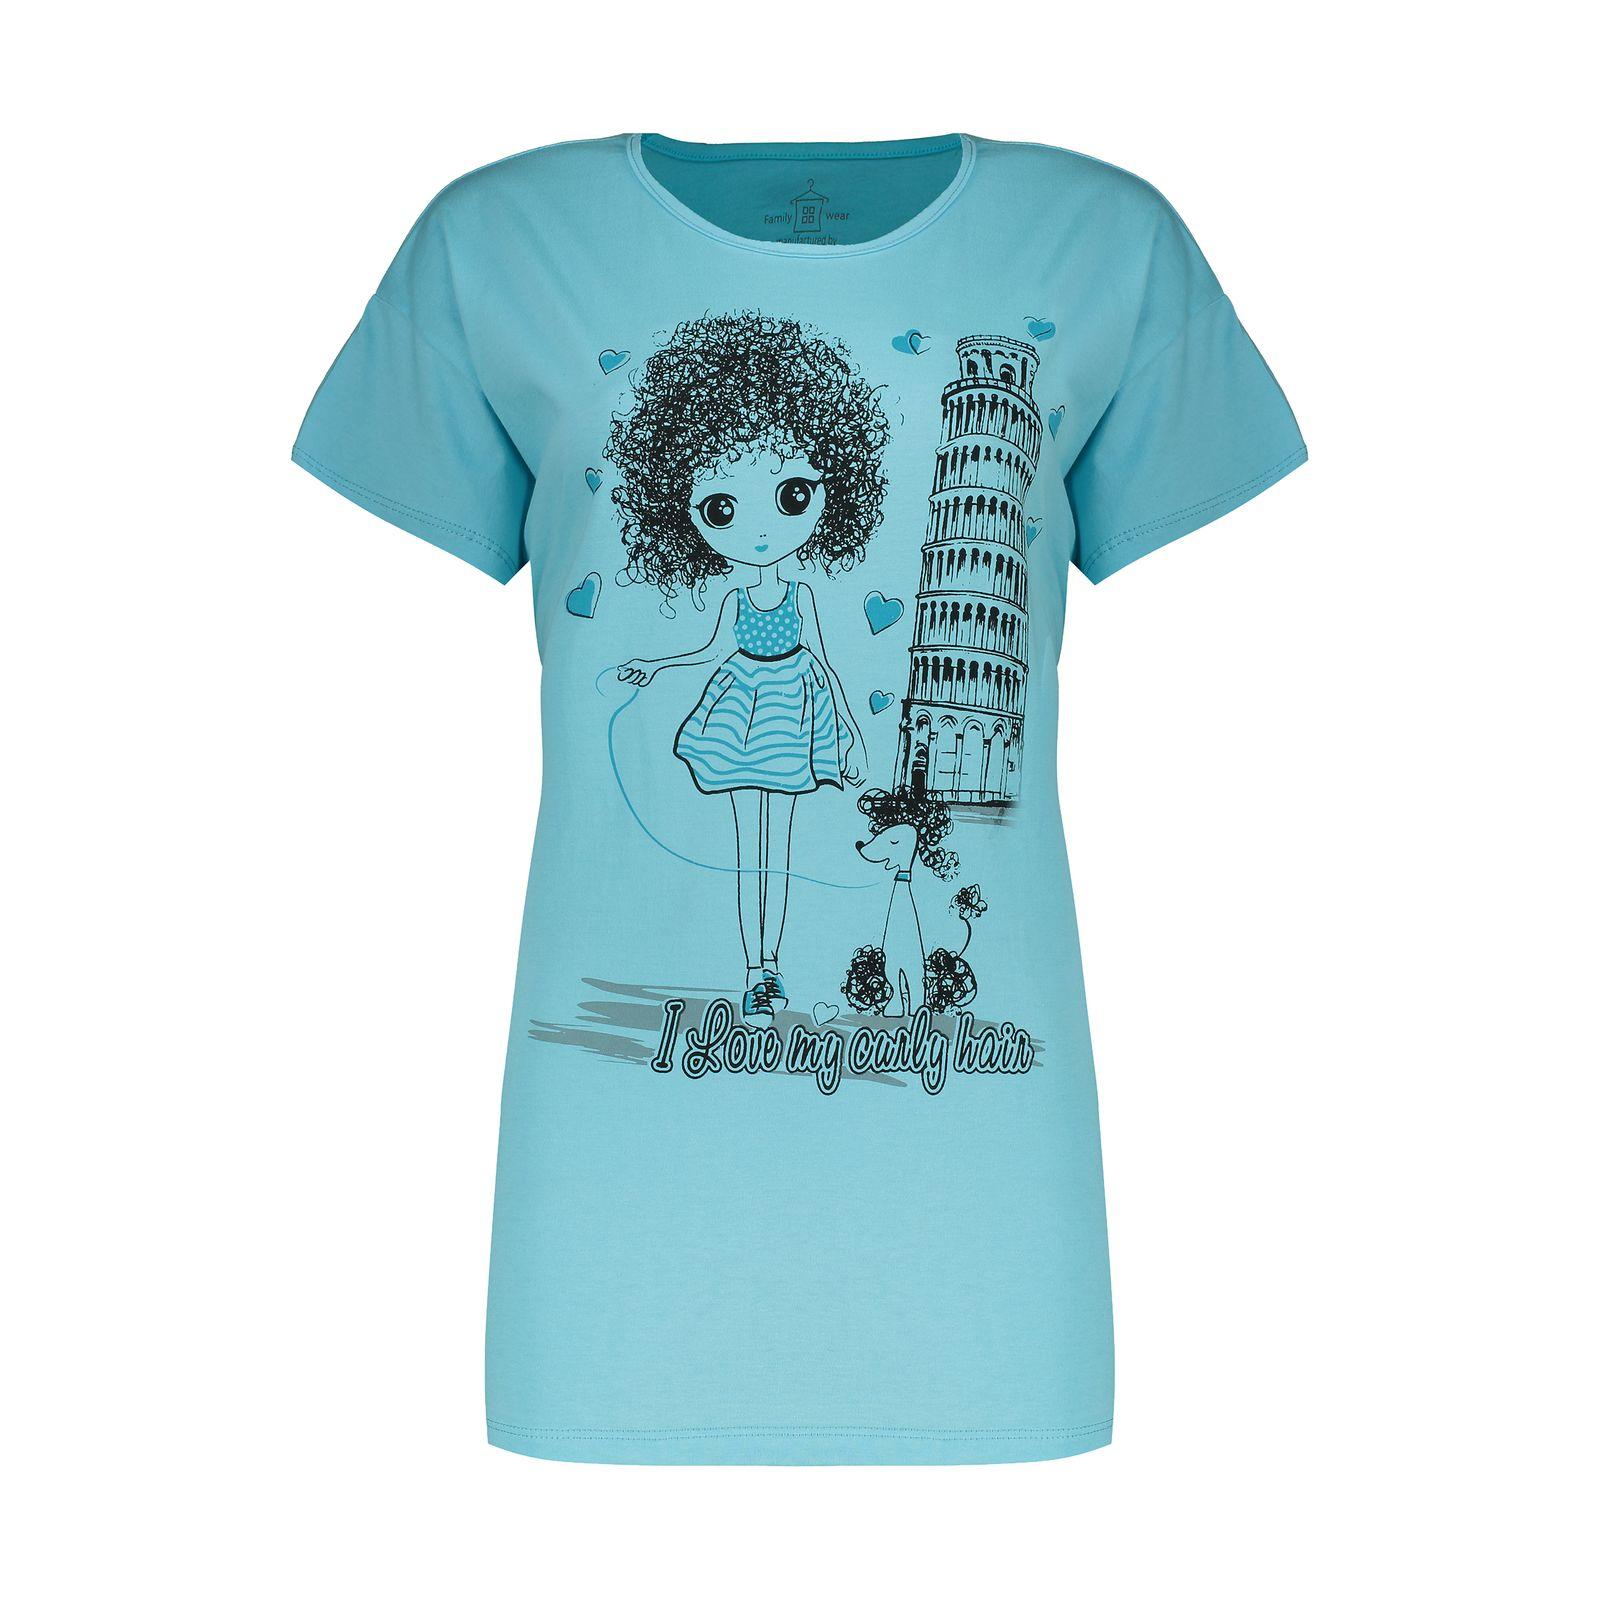 تی شرت آستین کوتاه زنانهفمیلی ورطرح دختر و پیزا کد 0162 رنگ آبی روشن -  - 2